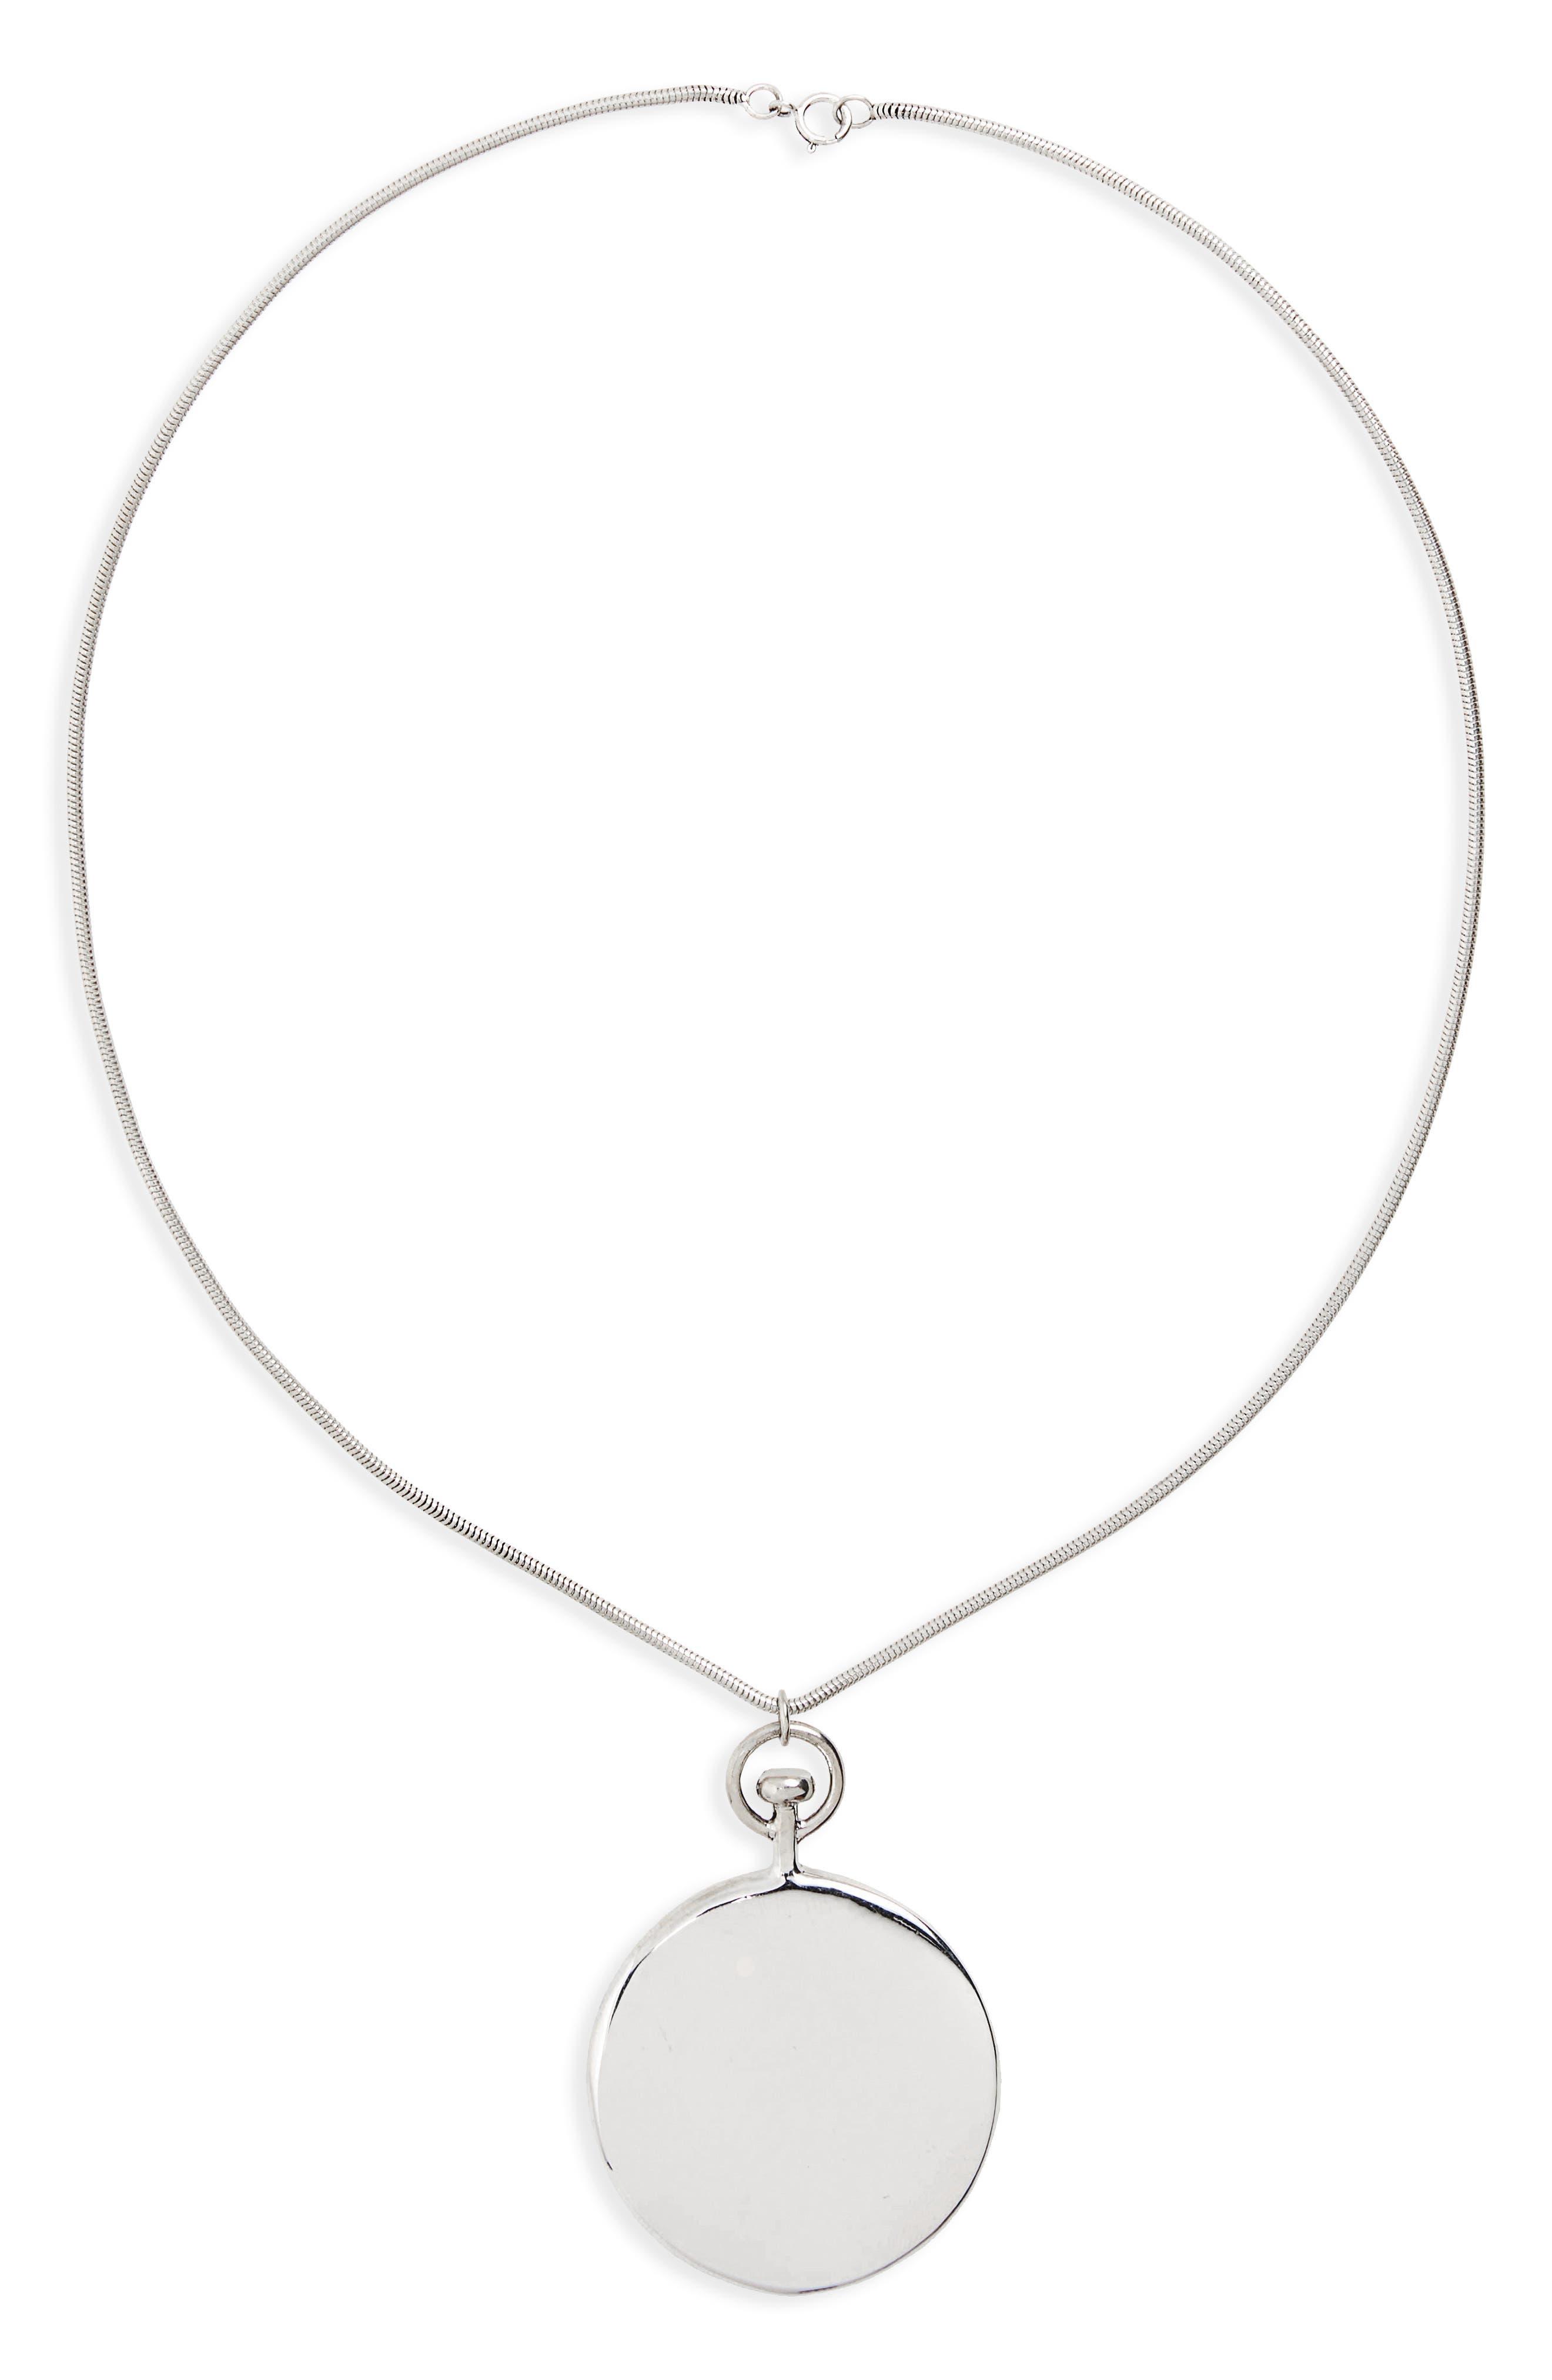 Sophie Buhai Short Large Circle Pendant Necklace